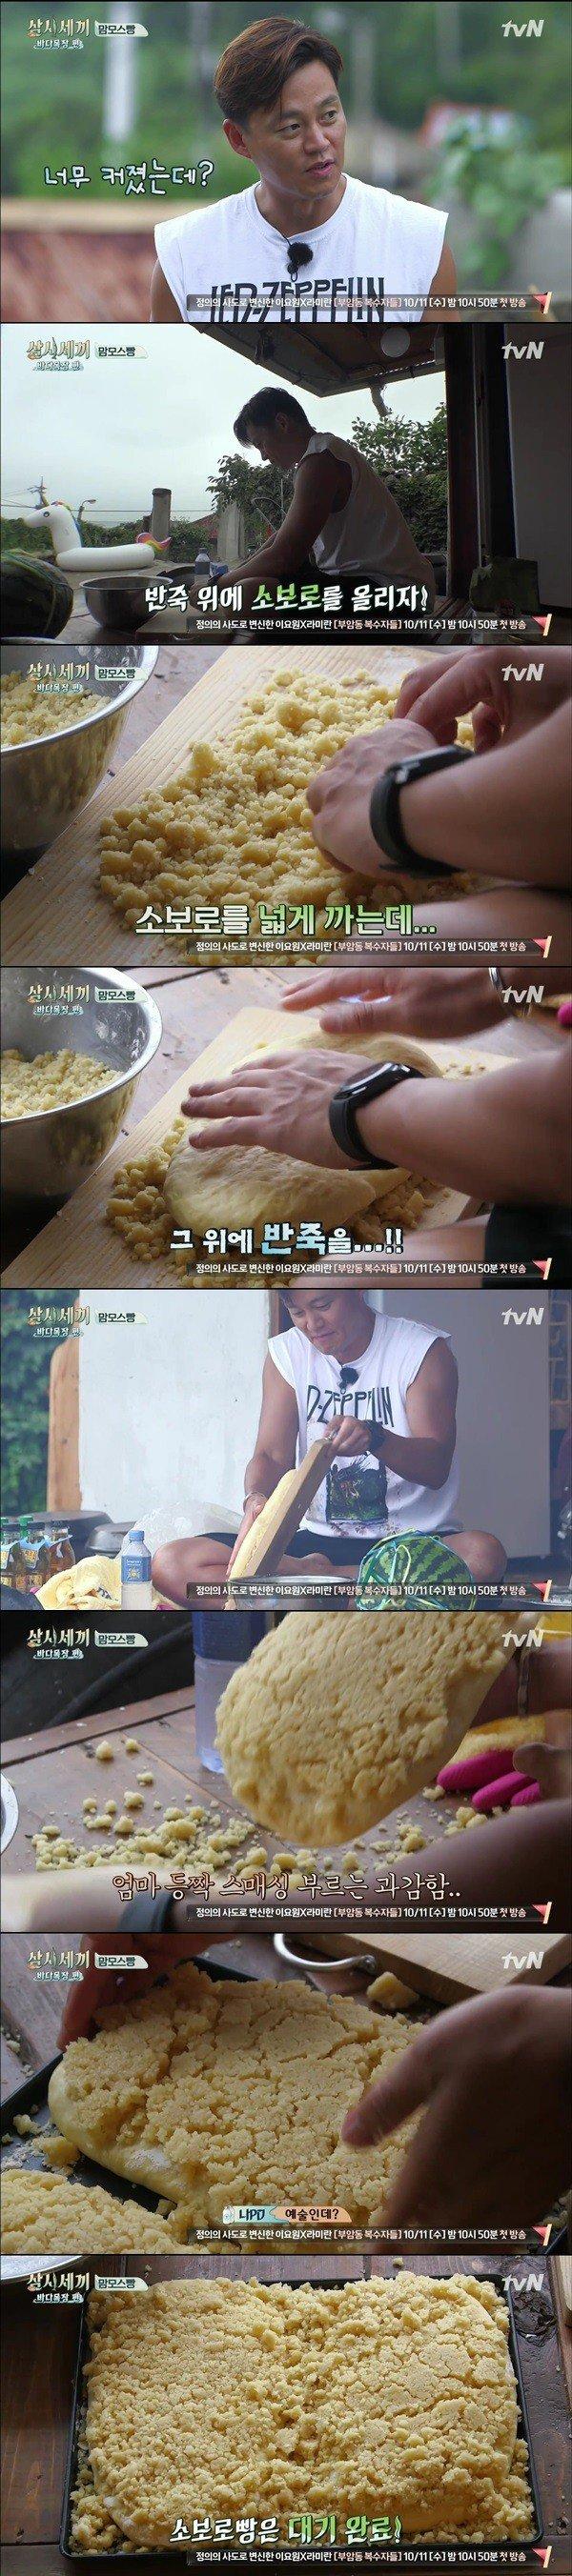 [유머] 10만 칼로리 맘모스 빵 -  와이드섬